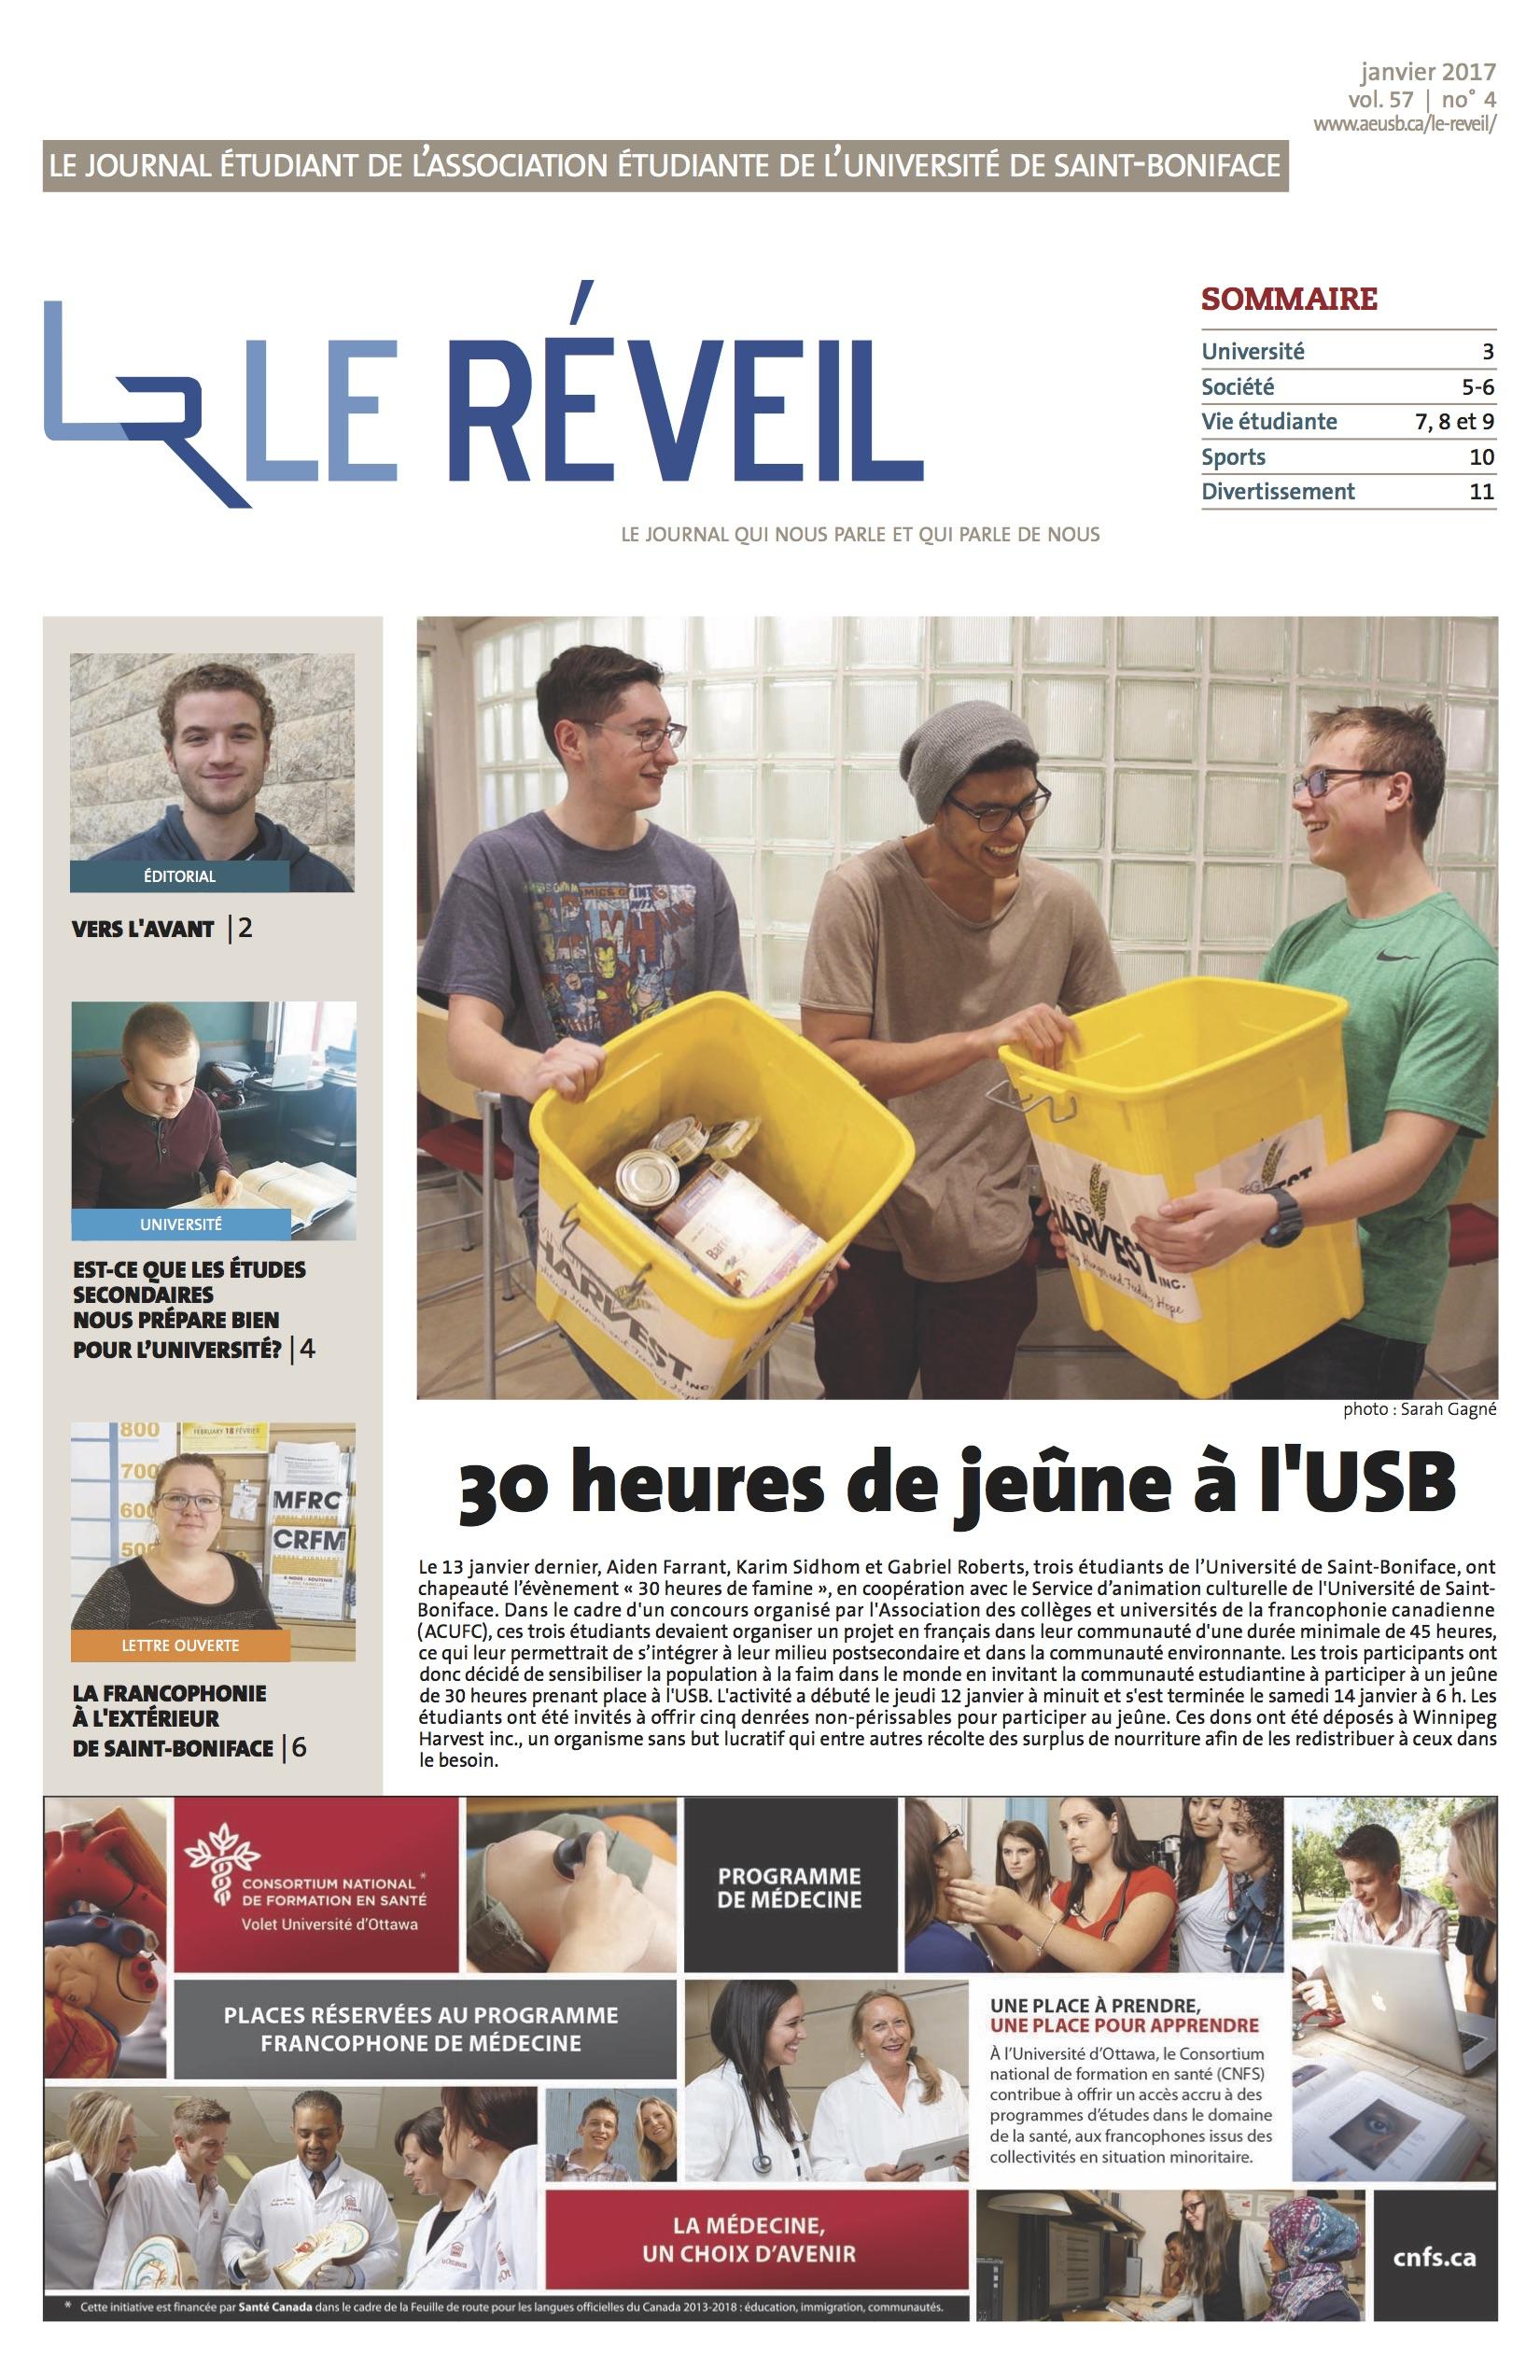 Le Réveil Janvier 2017 LR (1)